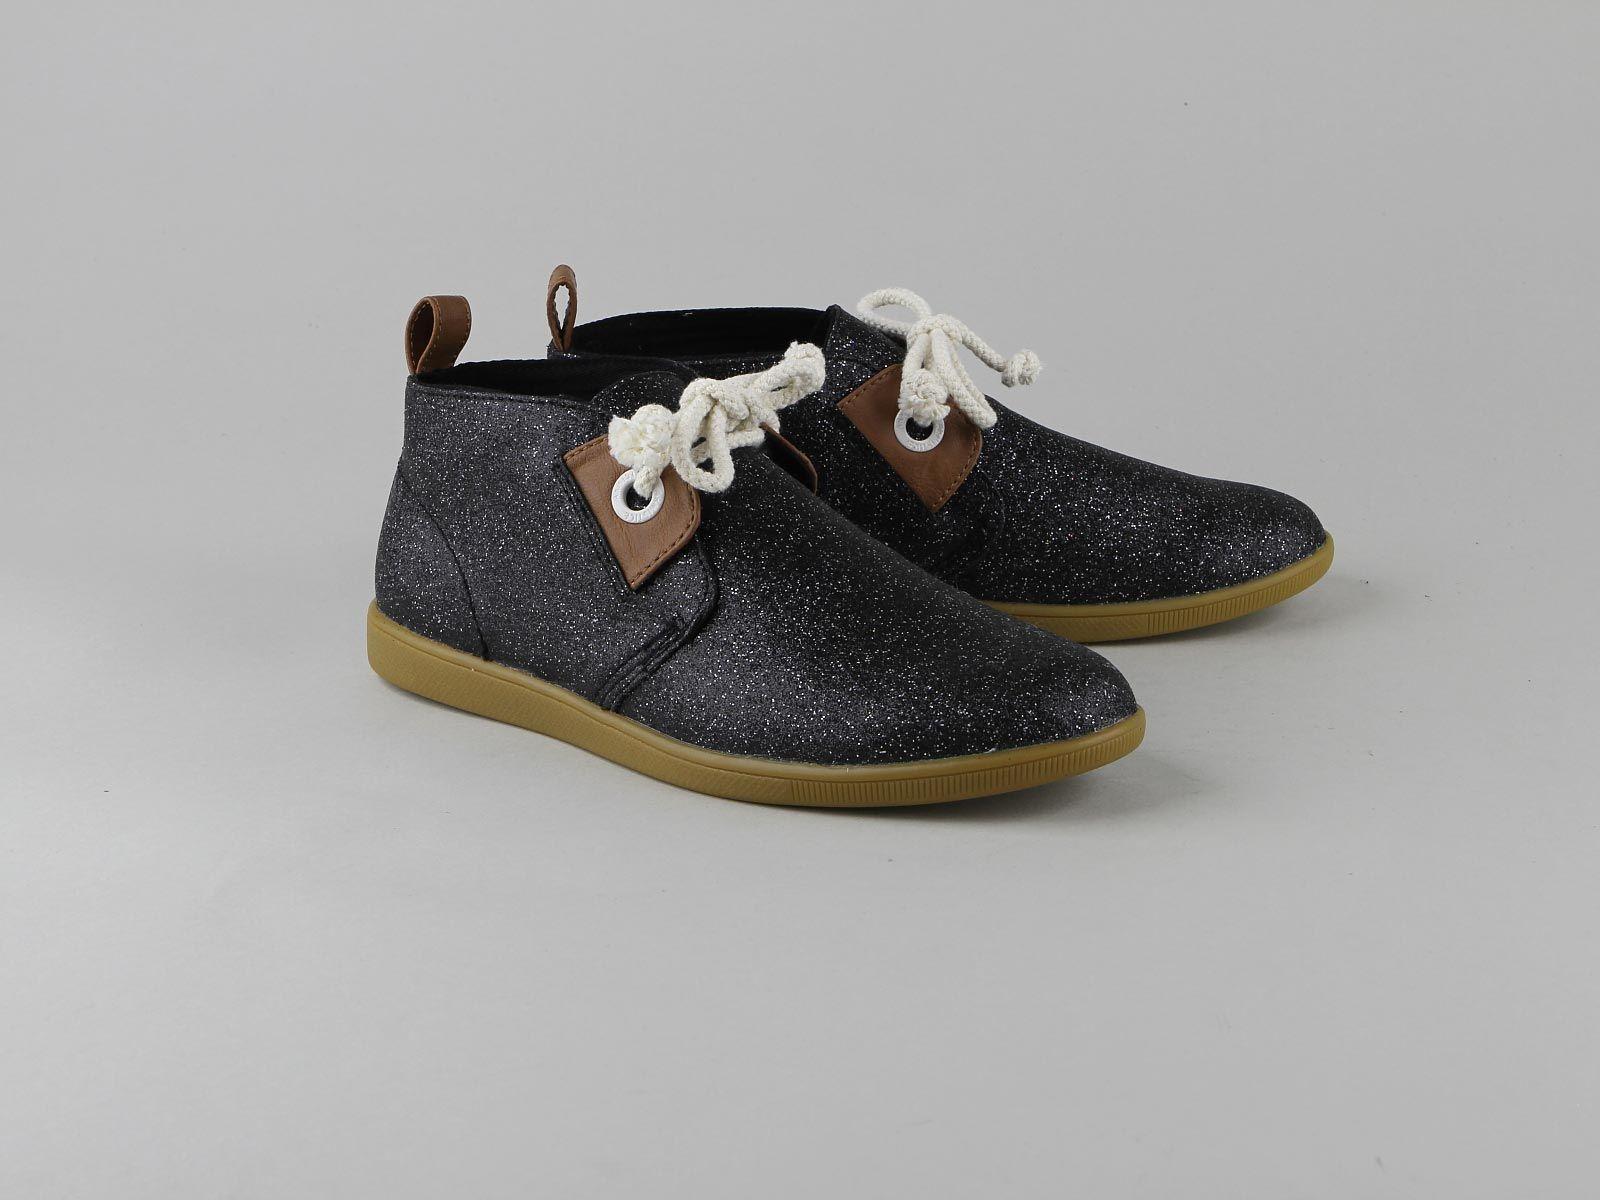 chaussure armistices   Armistice STONE MID CUT - Chaussures Femme - Montants e274e09ddfec